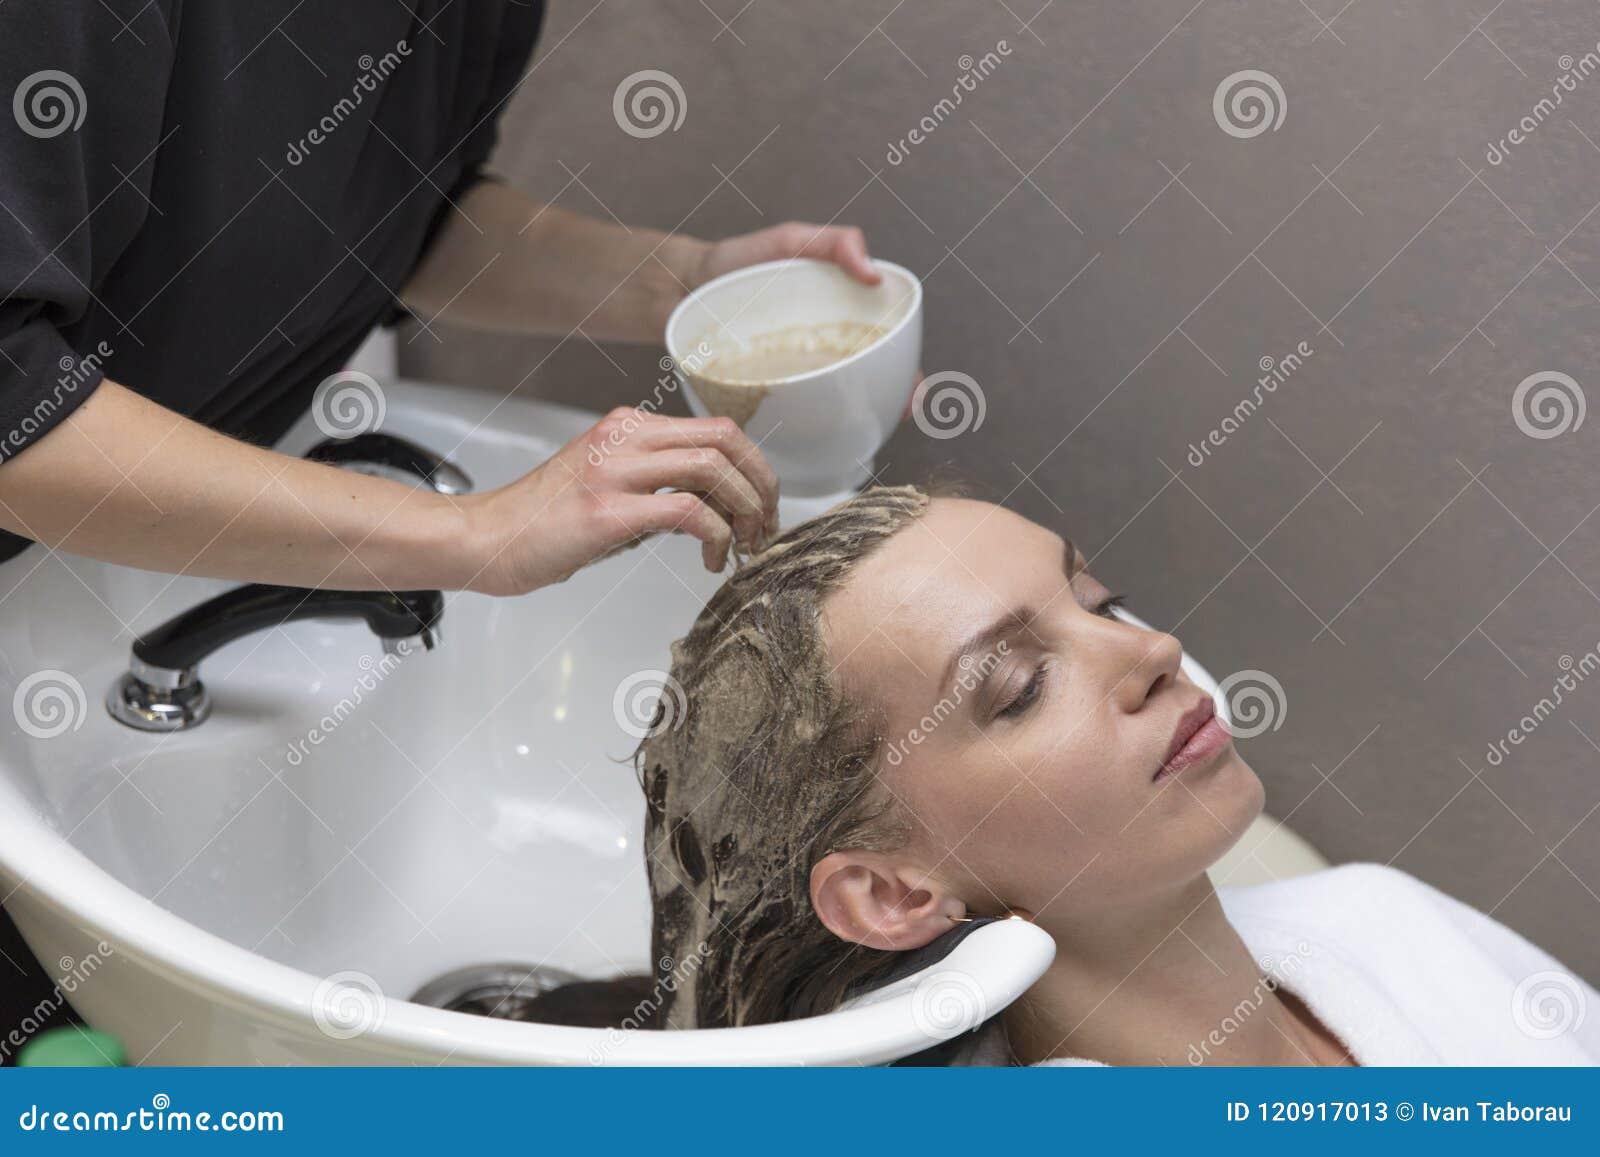 Haarschoonheidsverzorging, vochtinbrengende crèmetoepassing, kapper, haarmasker van een mooie meisje, natuurlijk, een gezondheid